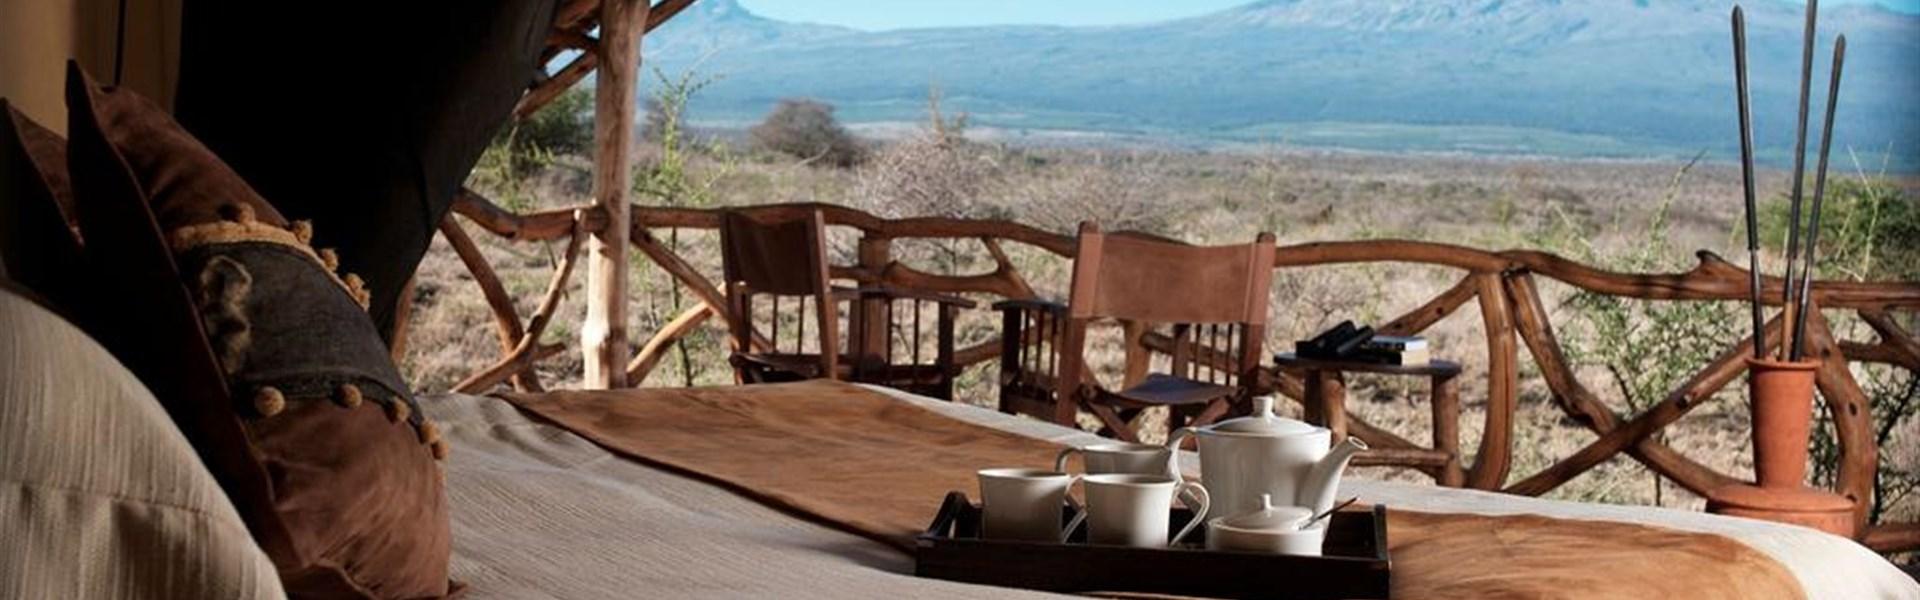 Safari v Amboseli a pobyt u moře - 2 noci na safari a 8 nocí u moře - český průvodce -